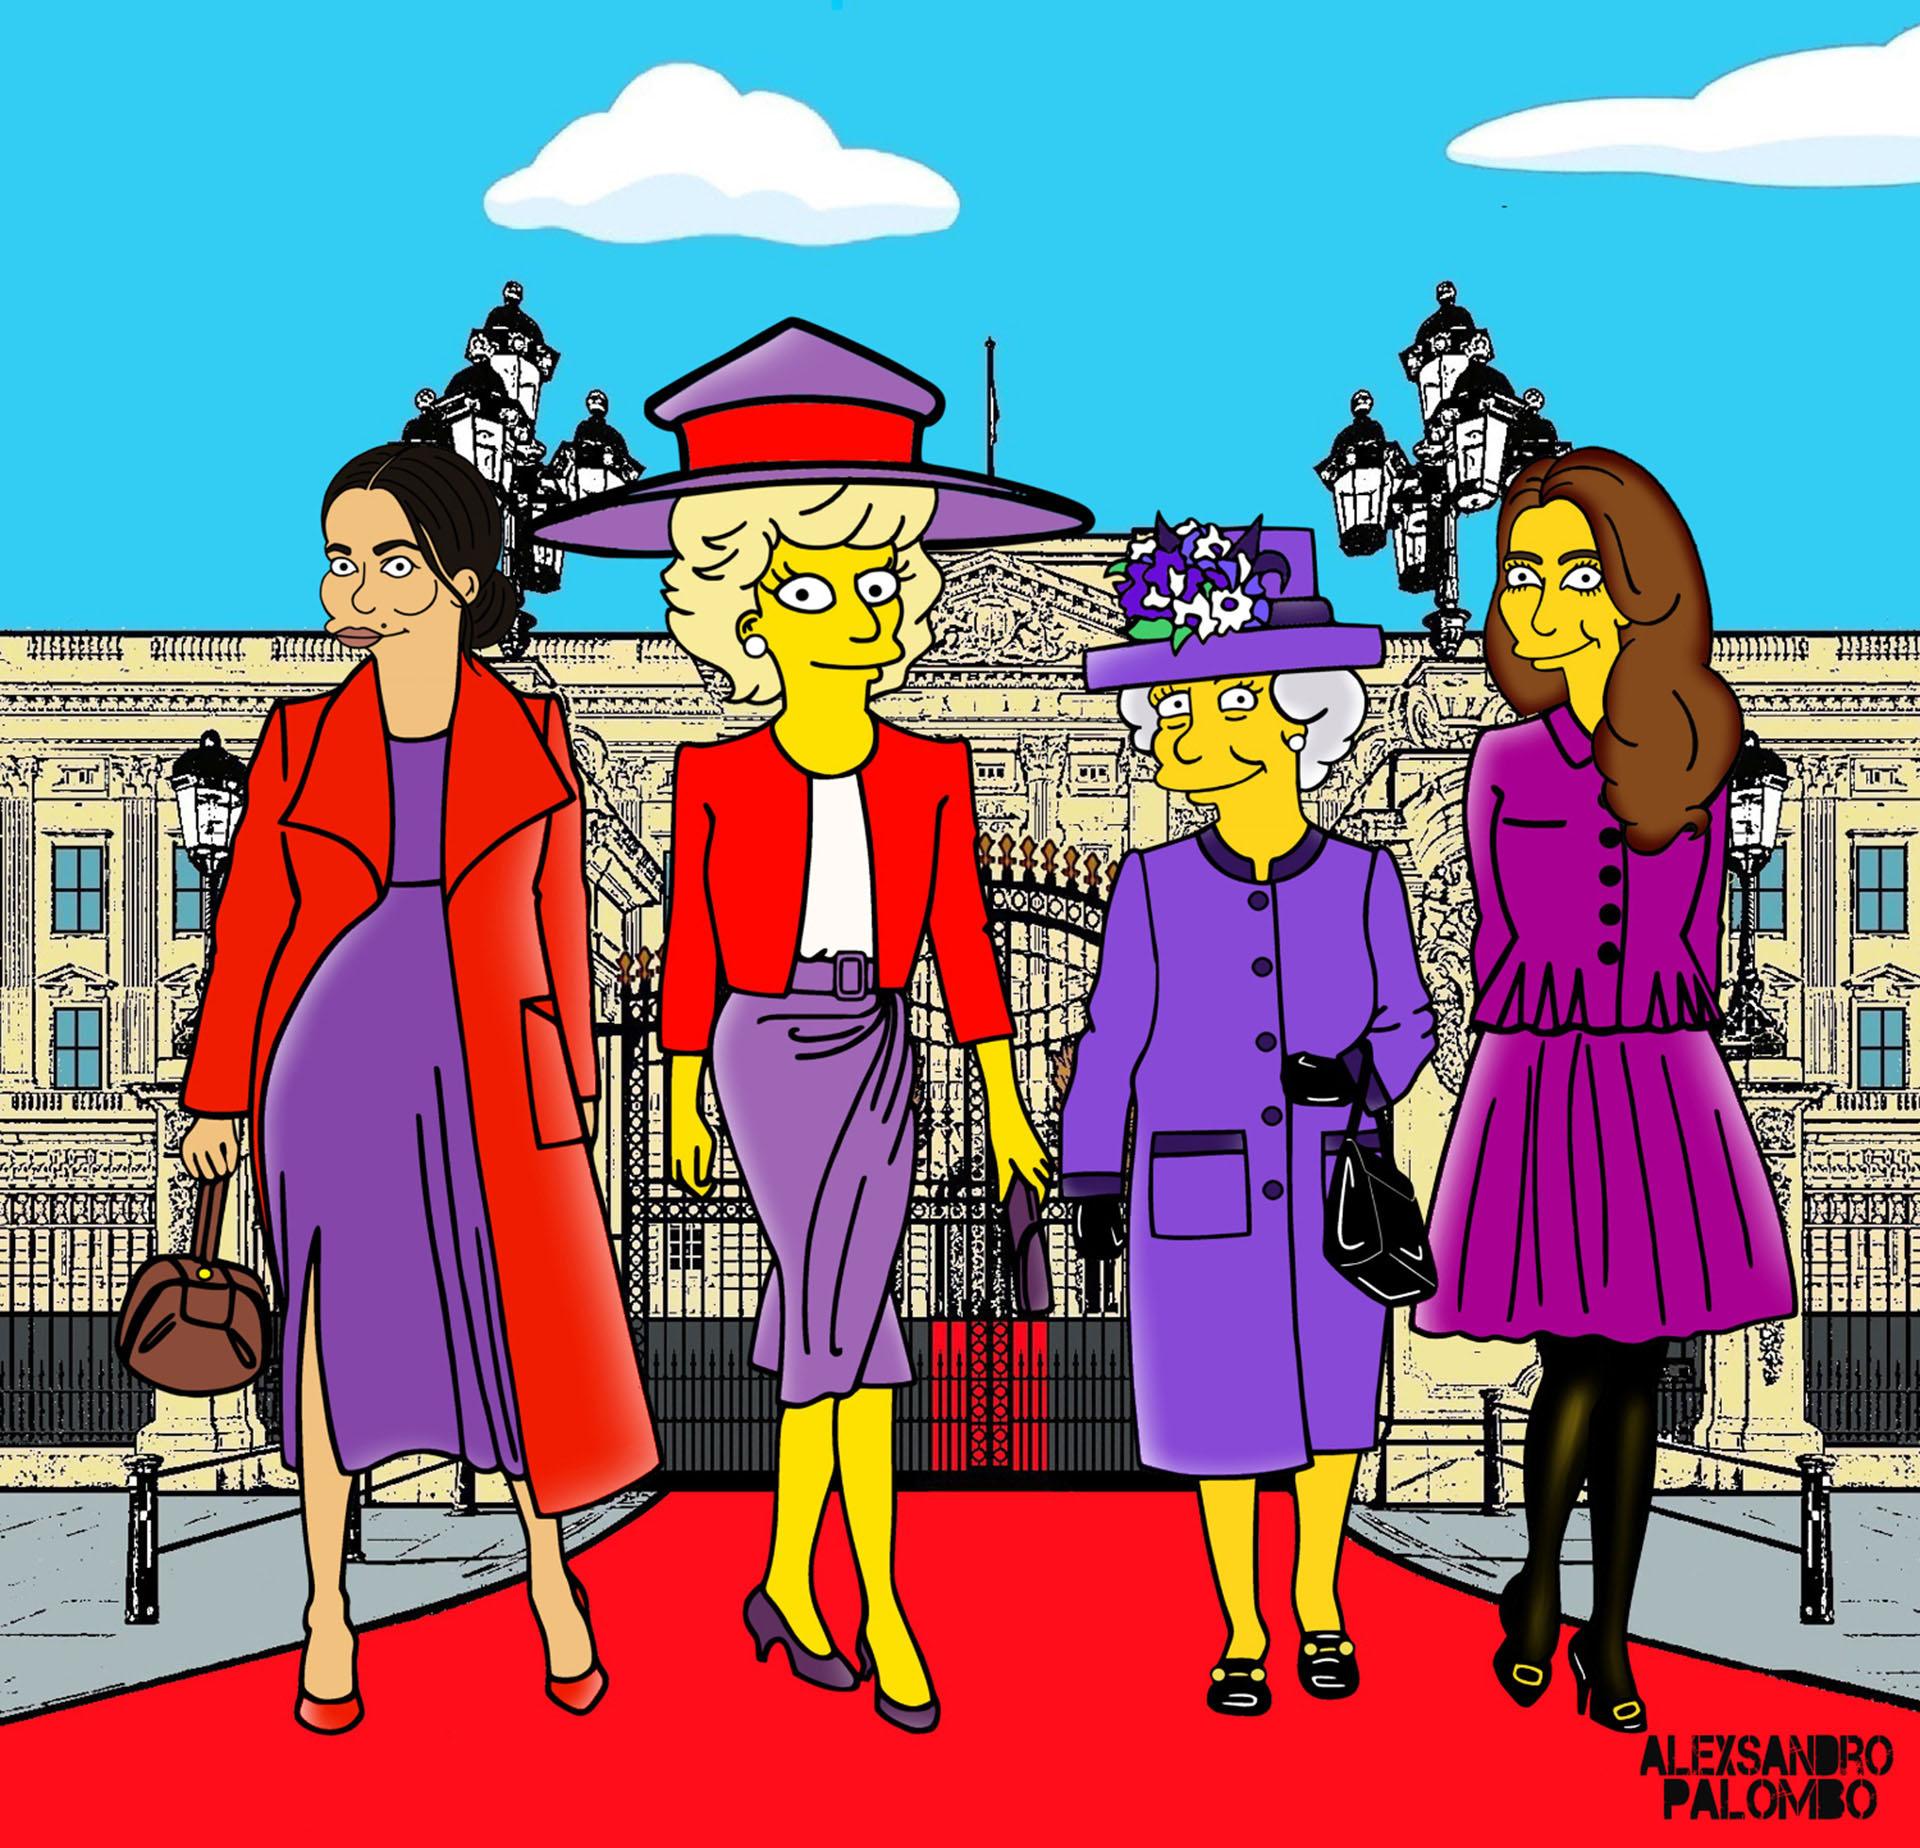 Meghan Markle, Lady Di, la reinaIsabely Kate Middleton simpsonizadas. Con sus vestidos y trajes de dos piezas característicos, el artista recreó al clan británico